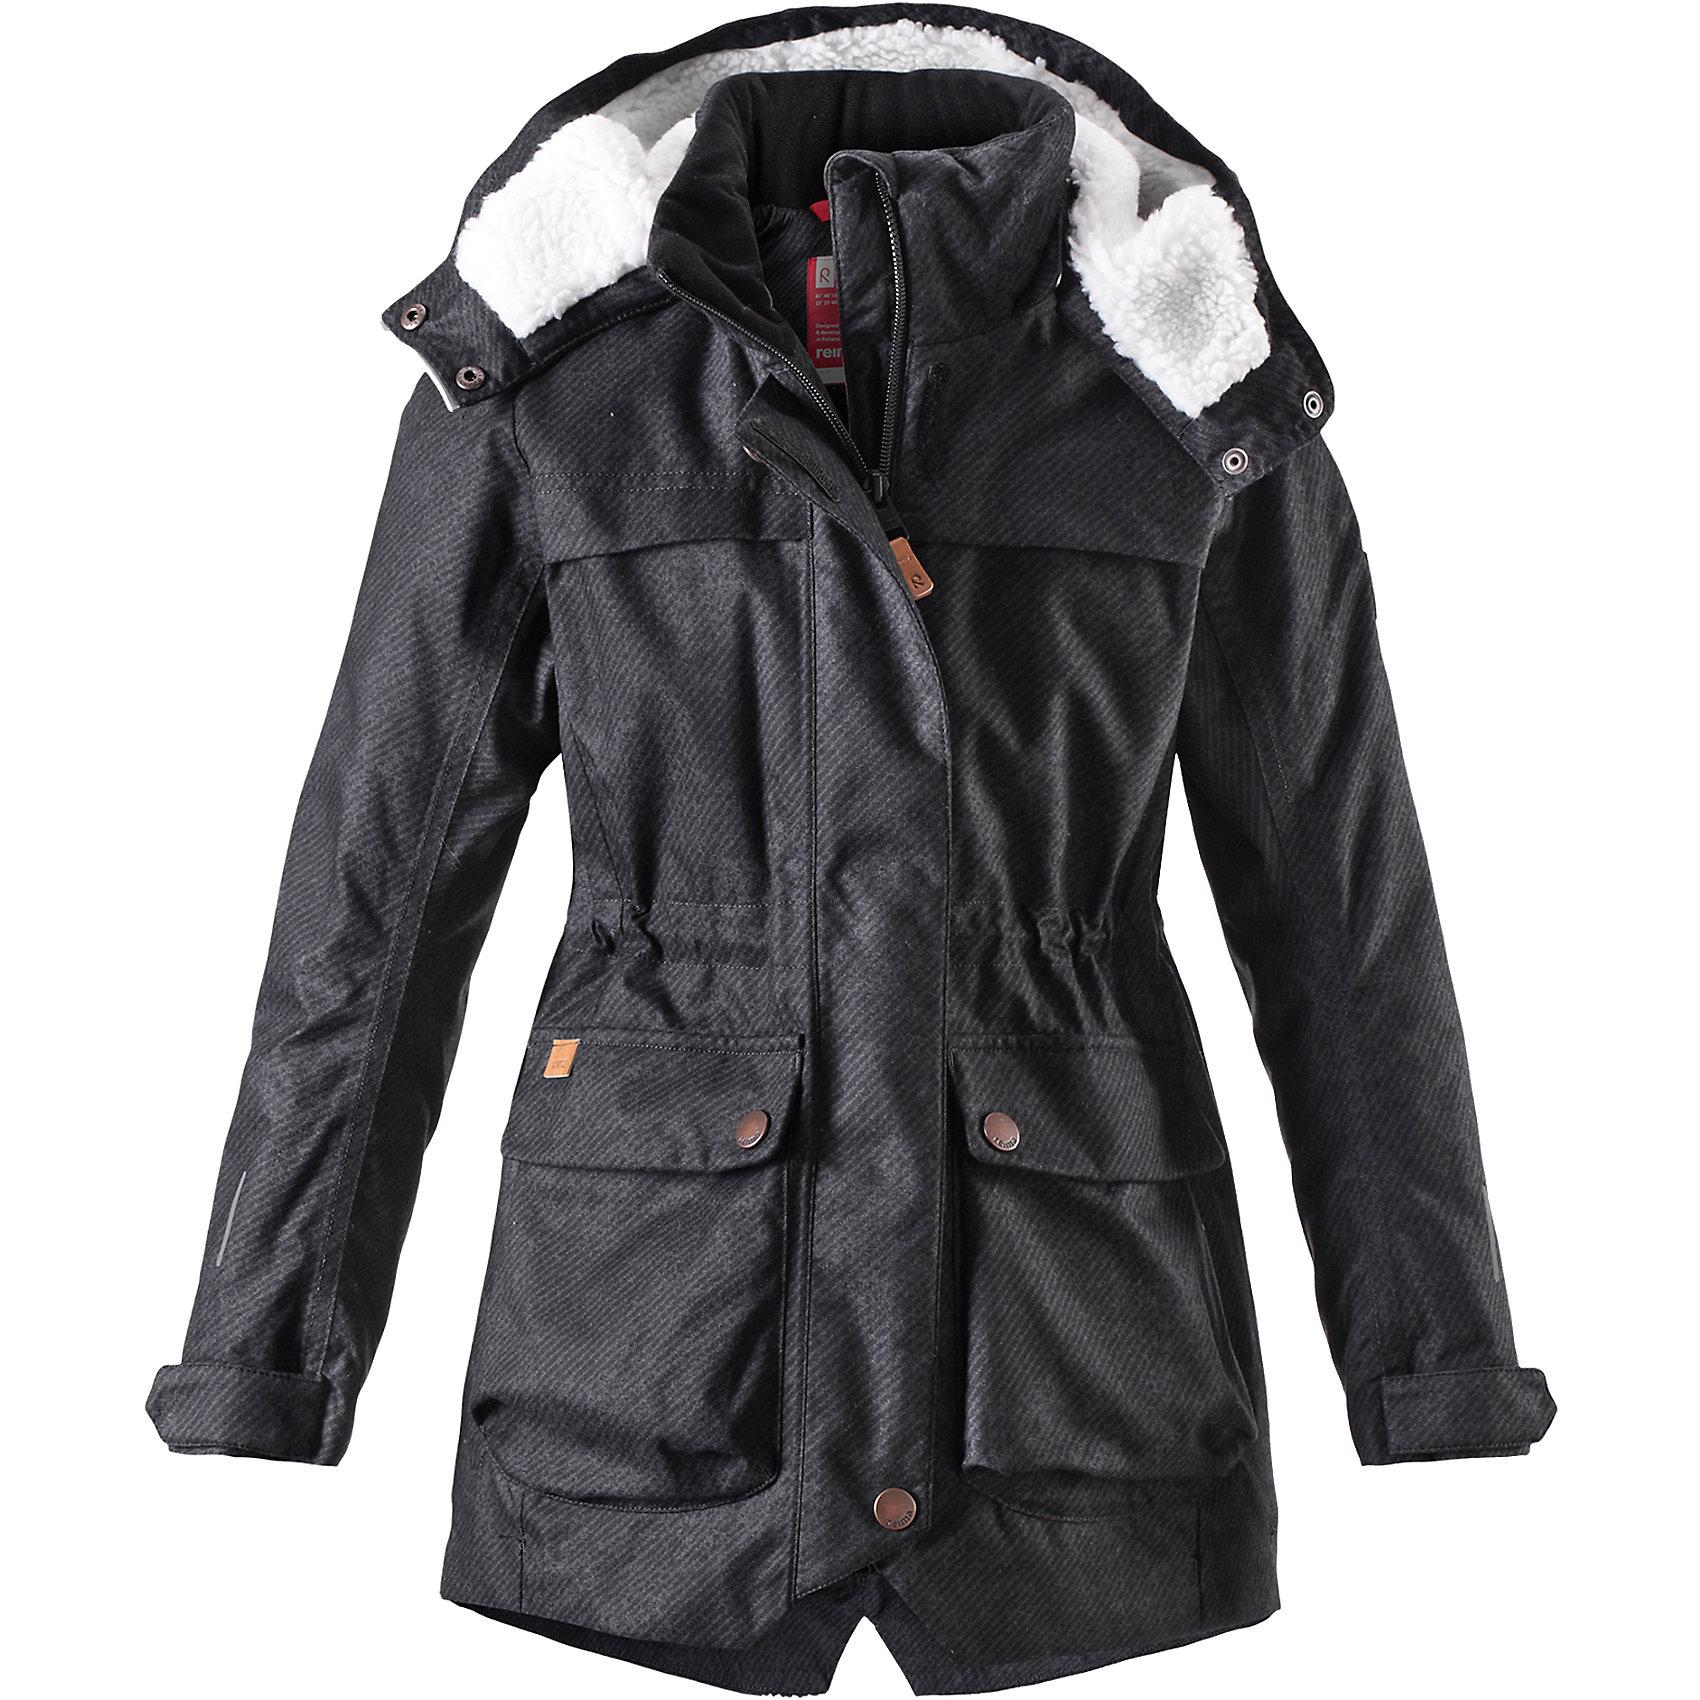 Куртка Reima Pirkko для девочкиОдежда<br>Характеристики товара:<br><br>• цвет: черный;<br>• состав: 100% полиэстер;<br>• подкладка: 100% полиэстер;<br>• утеплитель: 140 г/м2;<br>• сезон: зима;<br>• температурный режим: от 0 до -20С;<br>• водонепроницаемость: 3000 мм;<br>• воздухопроницаемость: 7000 мм;<br>• износостойкость: 10000 циклов (тест Мартиндейла);<br>• водо- и ветронепроницаемый, дышащий и грязеотталкивающий материал;<br>• основные швы проклеены и не пропускают влагу;<br>• застежка: молния с дополнительной планкой;<br>• махровая подкладка на капюшоне;<br>• теплая стеганая подкладка;<br>• безопасный съемный капюшон;<br>• регулируемые манжеты;<br>• внутренняя регулировка обхвата талии;<br>• удлиненный подол сзади;<br>• два кармана с кнопками:<br>• светоотражающие детали;<br>• страна бренда: Финляндия;<br>• страна изготовитель: Китай.<br><br>Теплая, водо и ветронепроницаемая зимняя куртка Reimatec® для детей и подростков. Материал куртки не только водонепроницаемый, ветронепроницаемый и при этом дышащий, но также имеет водо и грязеотталкивающую поверхность. Все основные швы проклеены, водонепроницаемы. Верхняя часть куртки и капюшон подбиты теплой стеганой подкладкой. <br><br>Куртка снабжена съемным капюшоном, что обеспечивает дополнительную безопасность во время активных прогулок – капюшон легко отстегивается, если случайно за что-нибудь зацепится. Образ довершают практичные детали: два больших кармана с клапанами, длинная молния высокого качества и светоотражающие элементы.<br><br>Куртку Pirkko для девочки Reima от финского бренда Reima (Рейма) можно купить в нашем интернет-магазине.<br><br>Ширина мм: 356<br>Глубина мм: 10<br>Высота мм: 245<br>Вес г: 519<br>Цвет: черный<br>Возраст от месяцев: 36<br>Возраст до месяцев: 48<br>Пол: Женский<br>Возраст: Детский<br>Размер: 104,164,110,116,122,128,134,140,146,152,158<br>SKU: 6903088